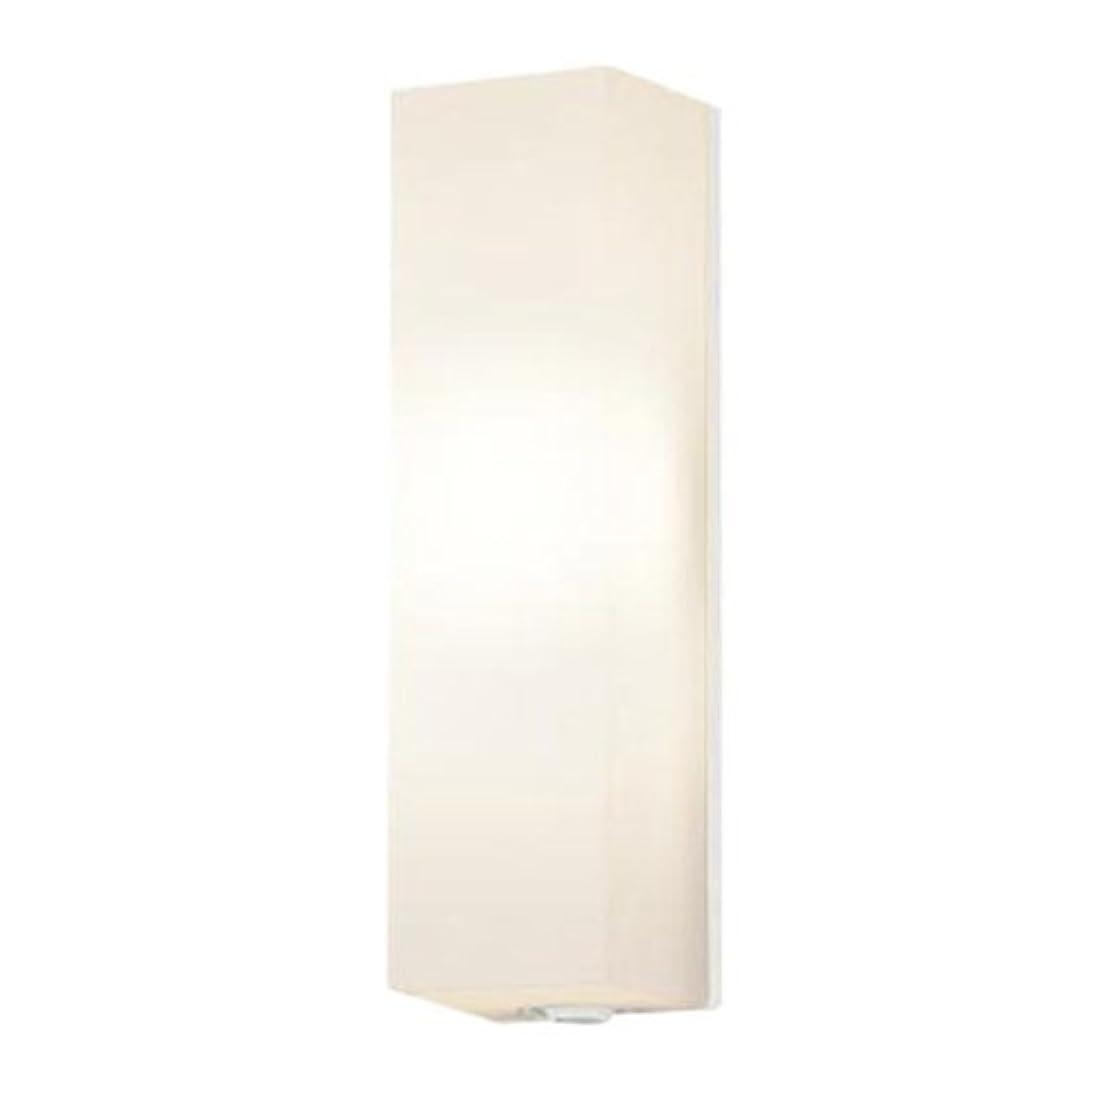 ダウンタウン現実的放射性Panasonic LED ポーチライト 壁直付型 40形 電球色 LSEWC4029LE1